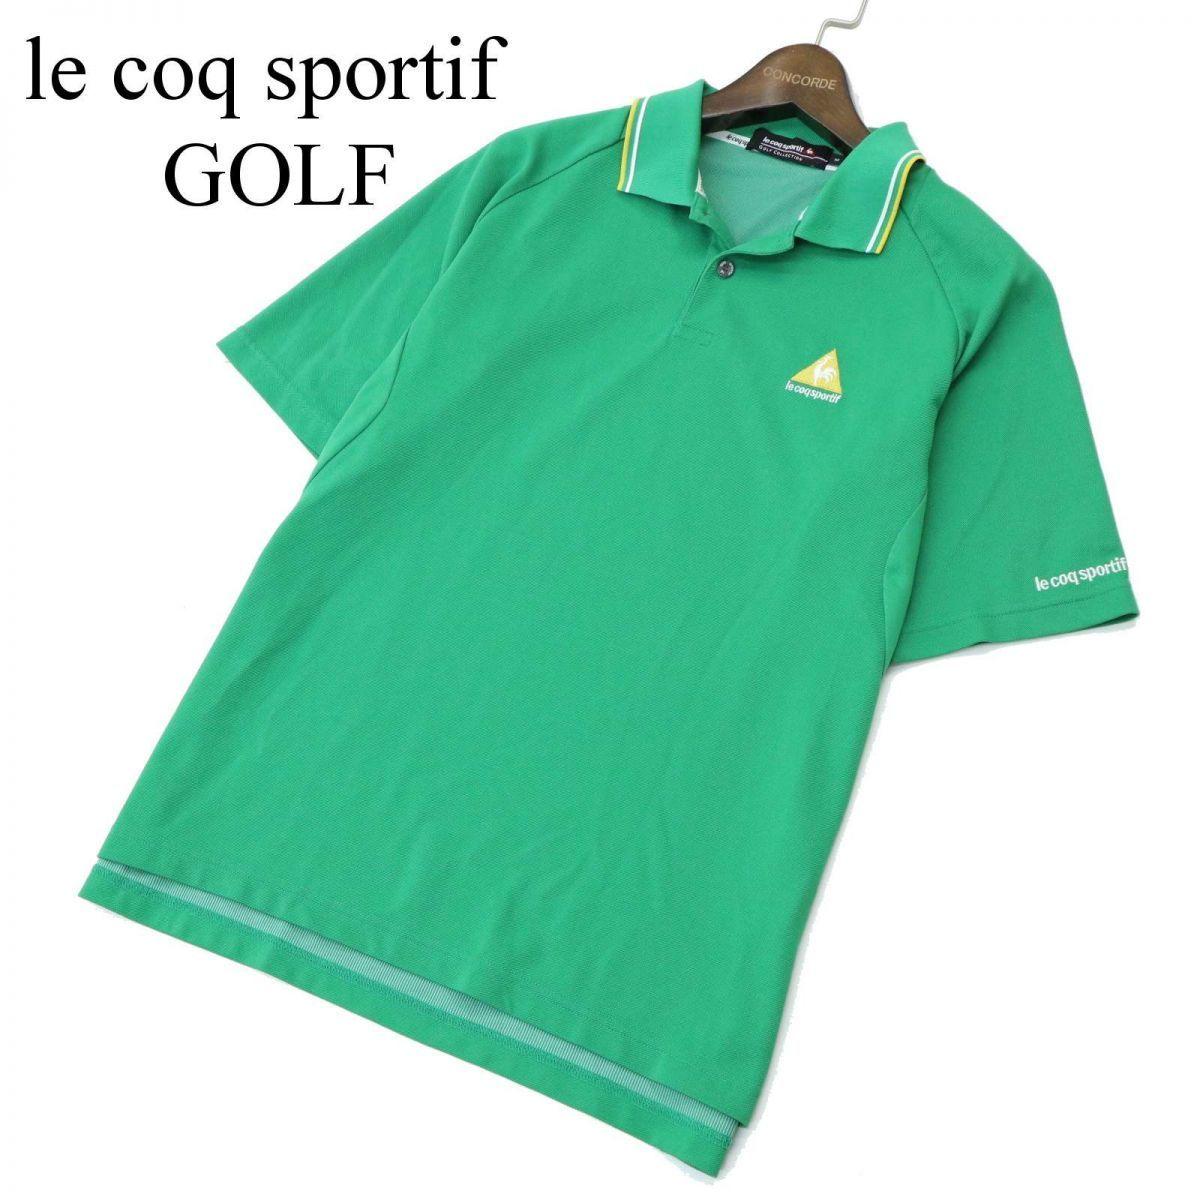 le coq sportif GOLF ルコック スポルティフ ゴルフ ロゴ刺繍★ 半袖 ポロシャツ Sz.M メンズ 緑 A1T08648_7#A_画像1